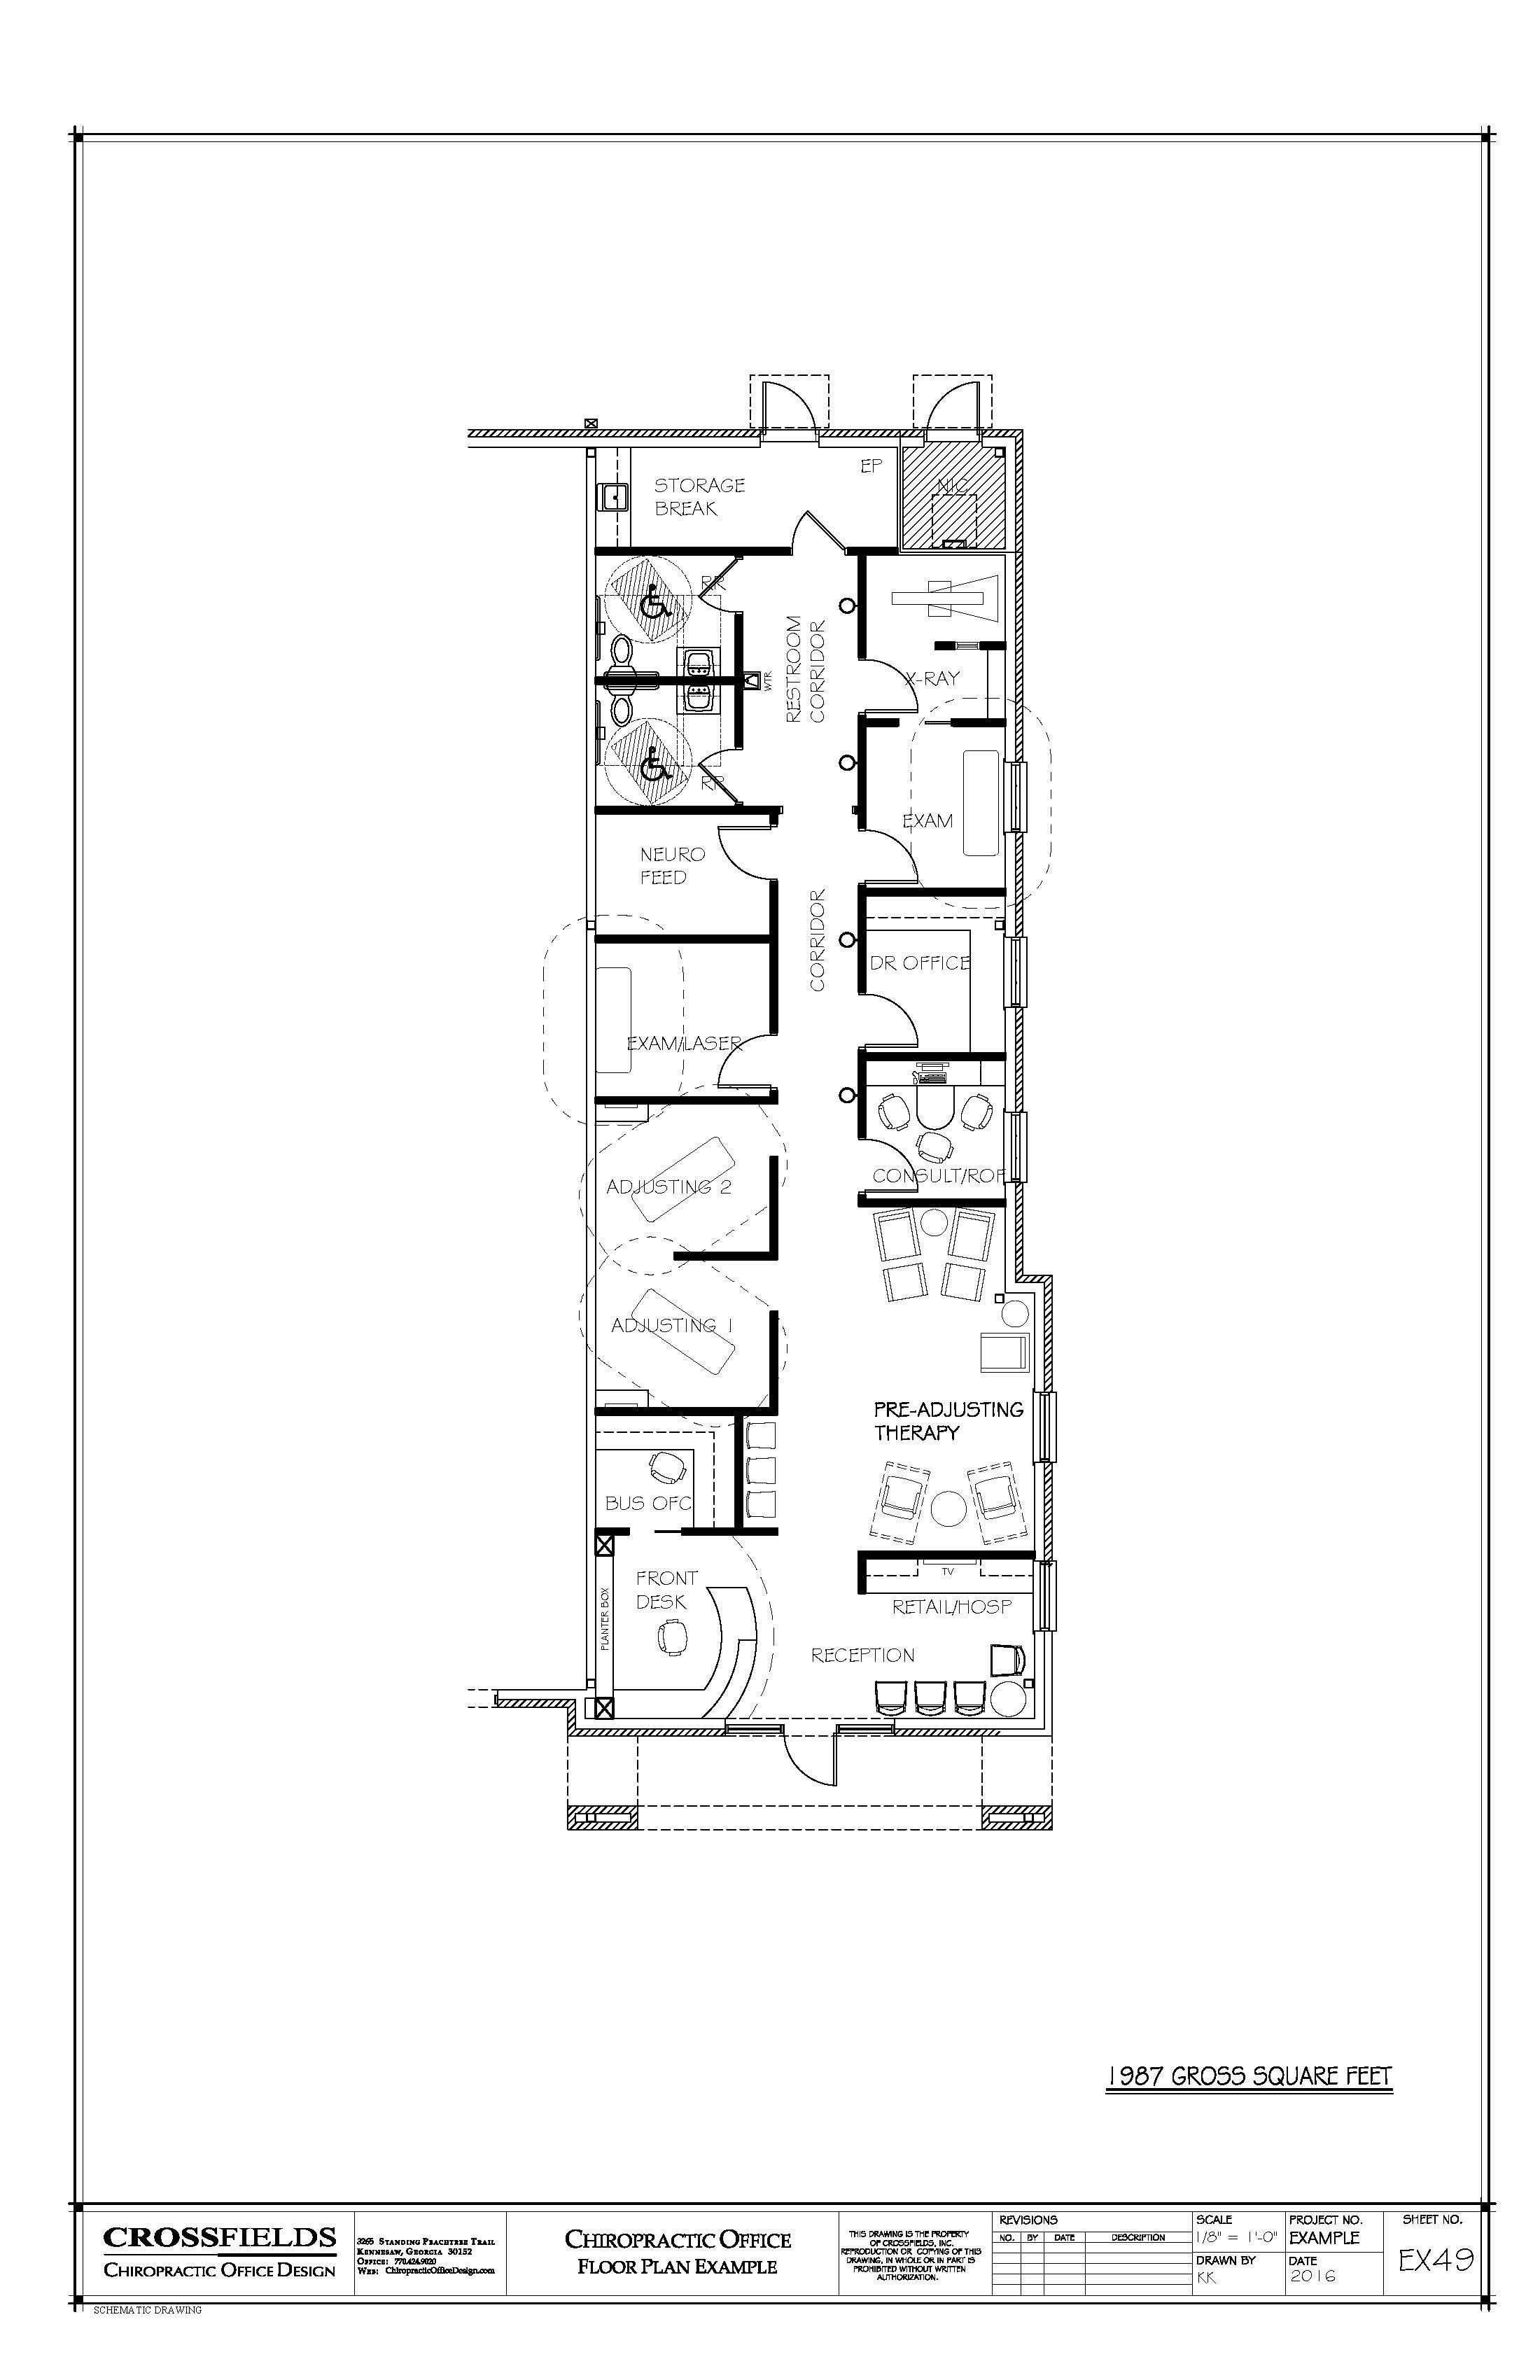 Chiropractic office condo suite floorplan with for Functional floor plans